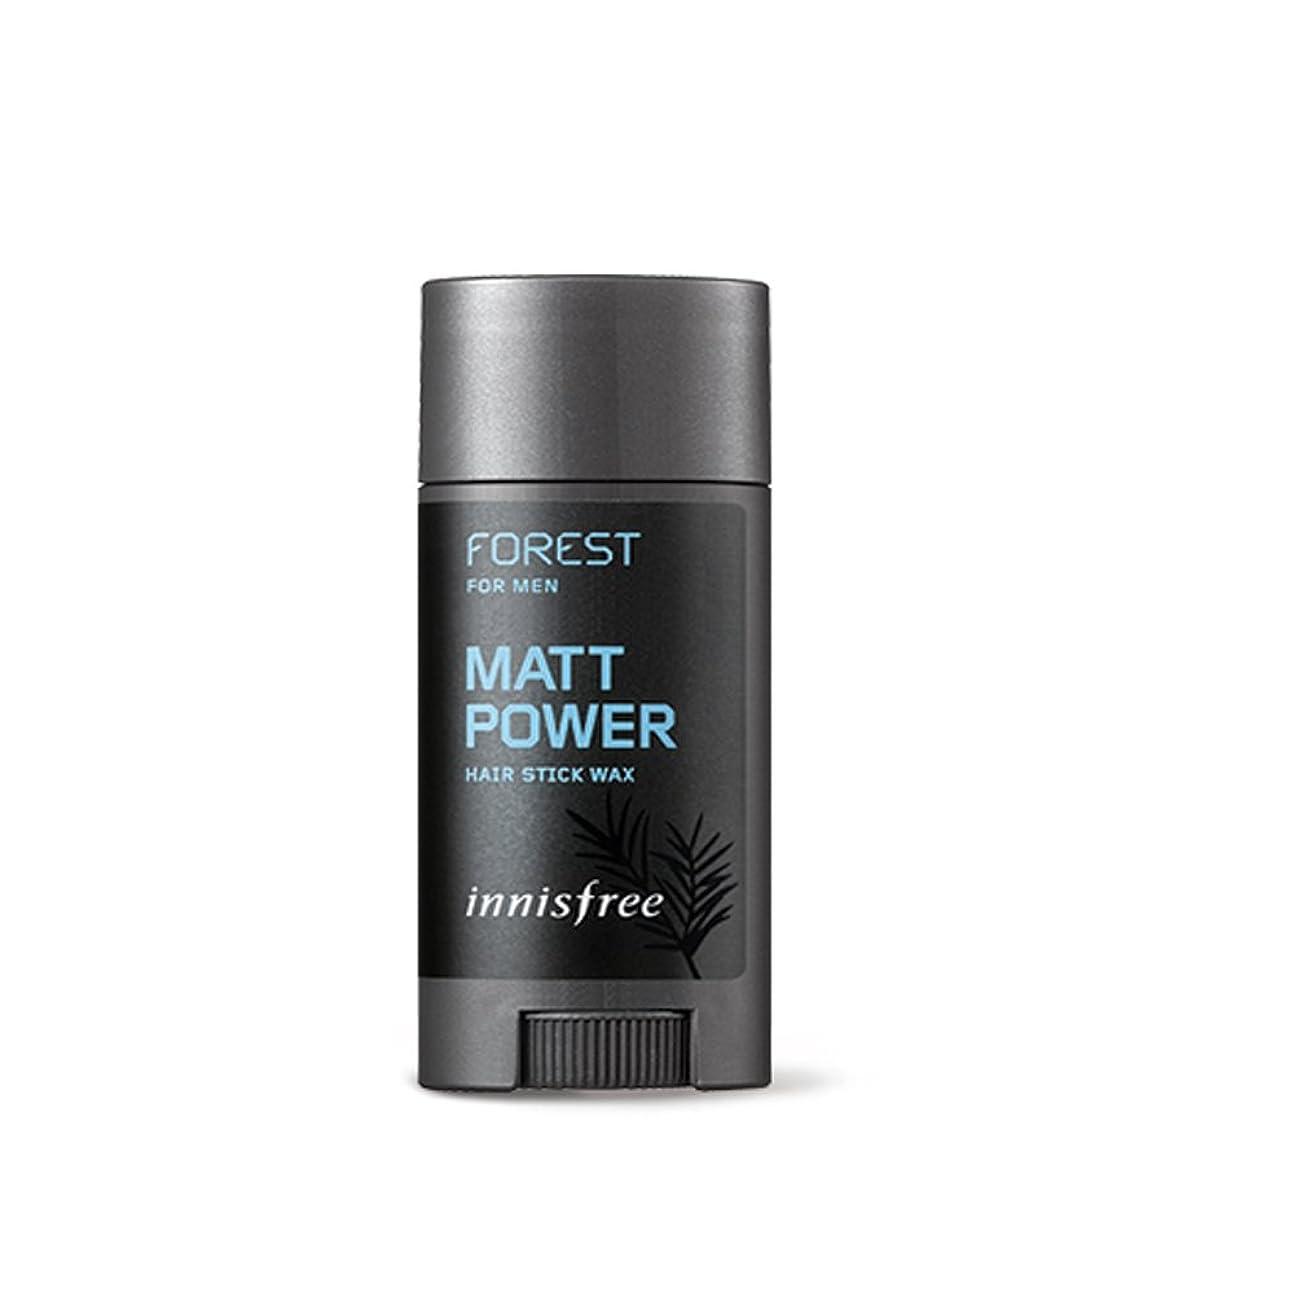 ラッシュ超えて誤ってイニスフリーフォレストメンズヘアスティックワックス、マットパワー15g / Innisfree Forest for Men Hair Stick Wax, Matt Power 15g [並行輸入品][海外直送品]